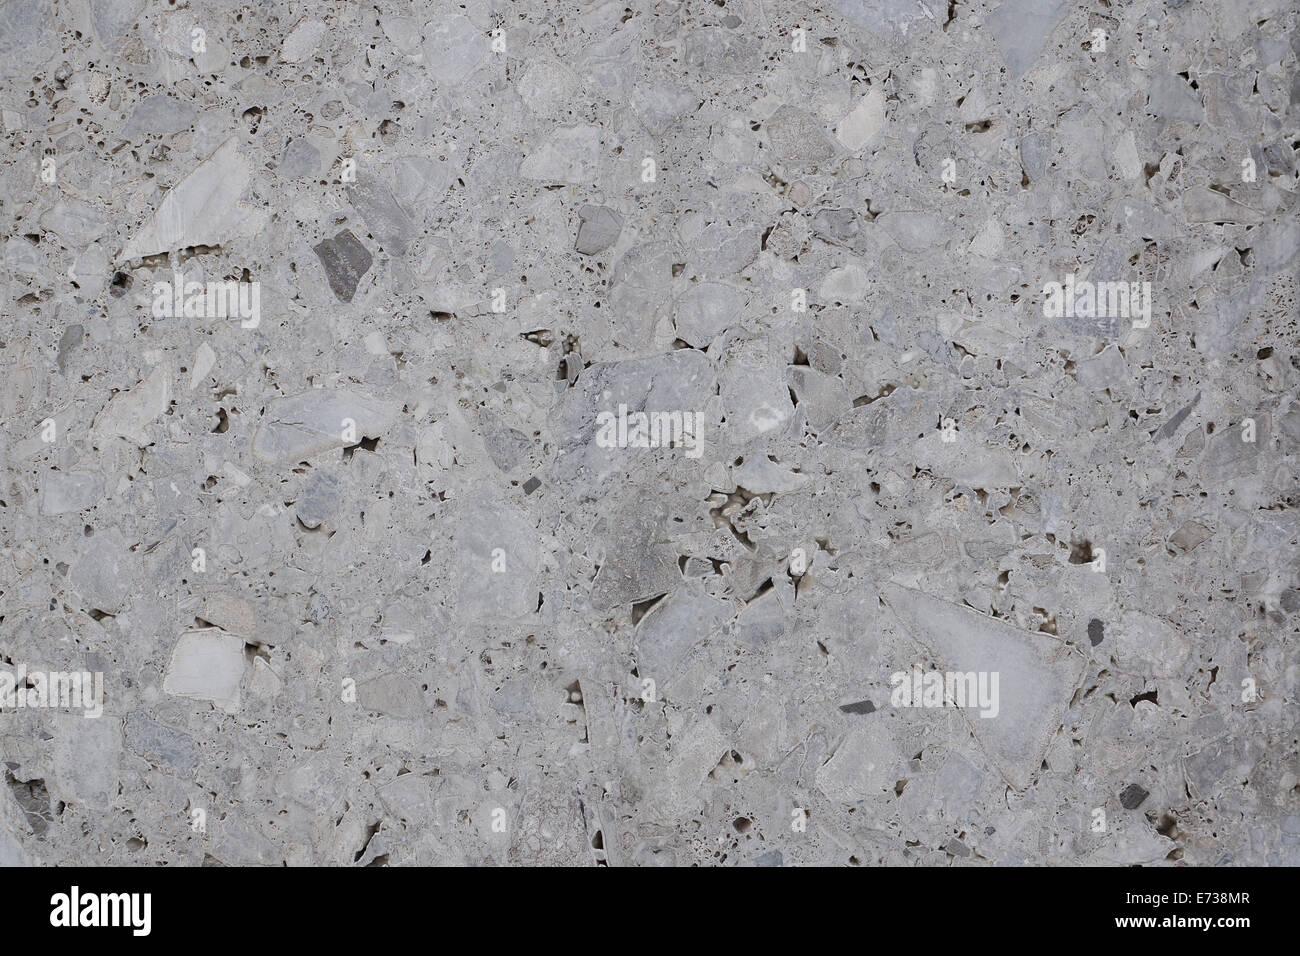 Agregado expuesto el hormigón textura de fondo Imagen De Stock